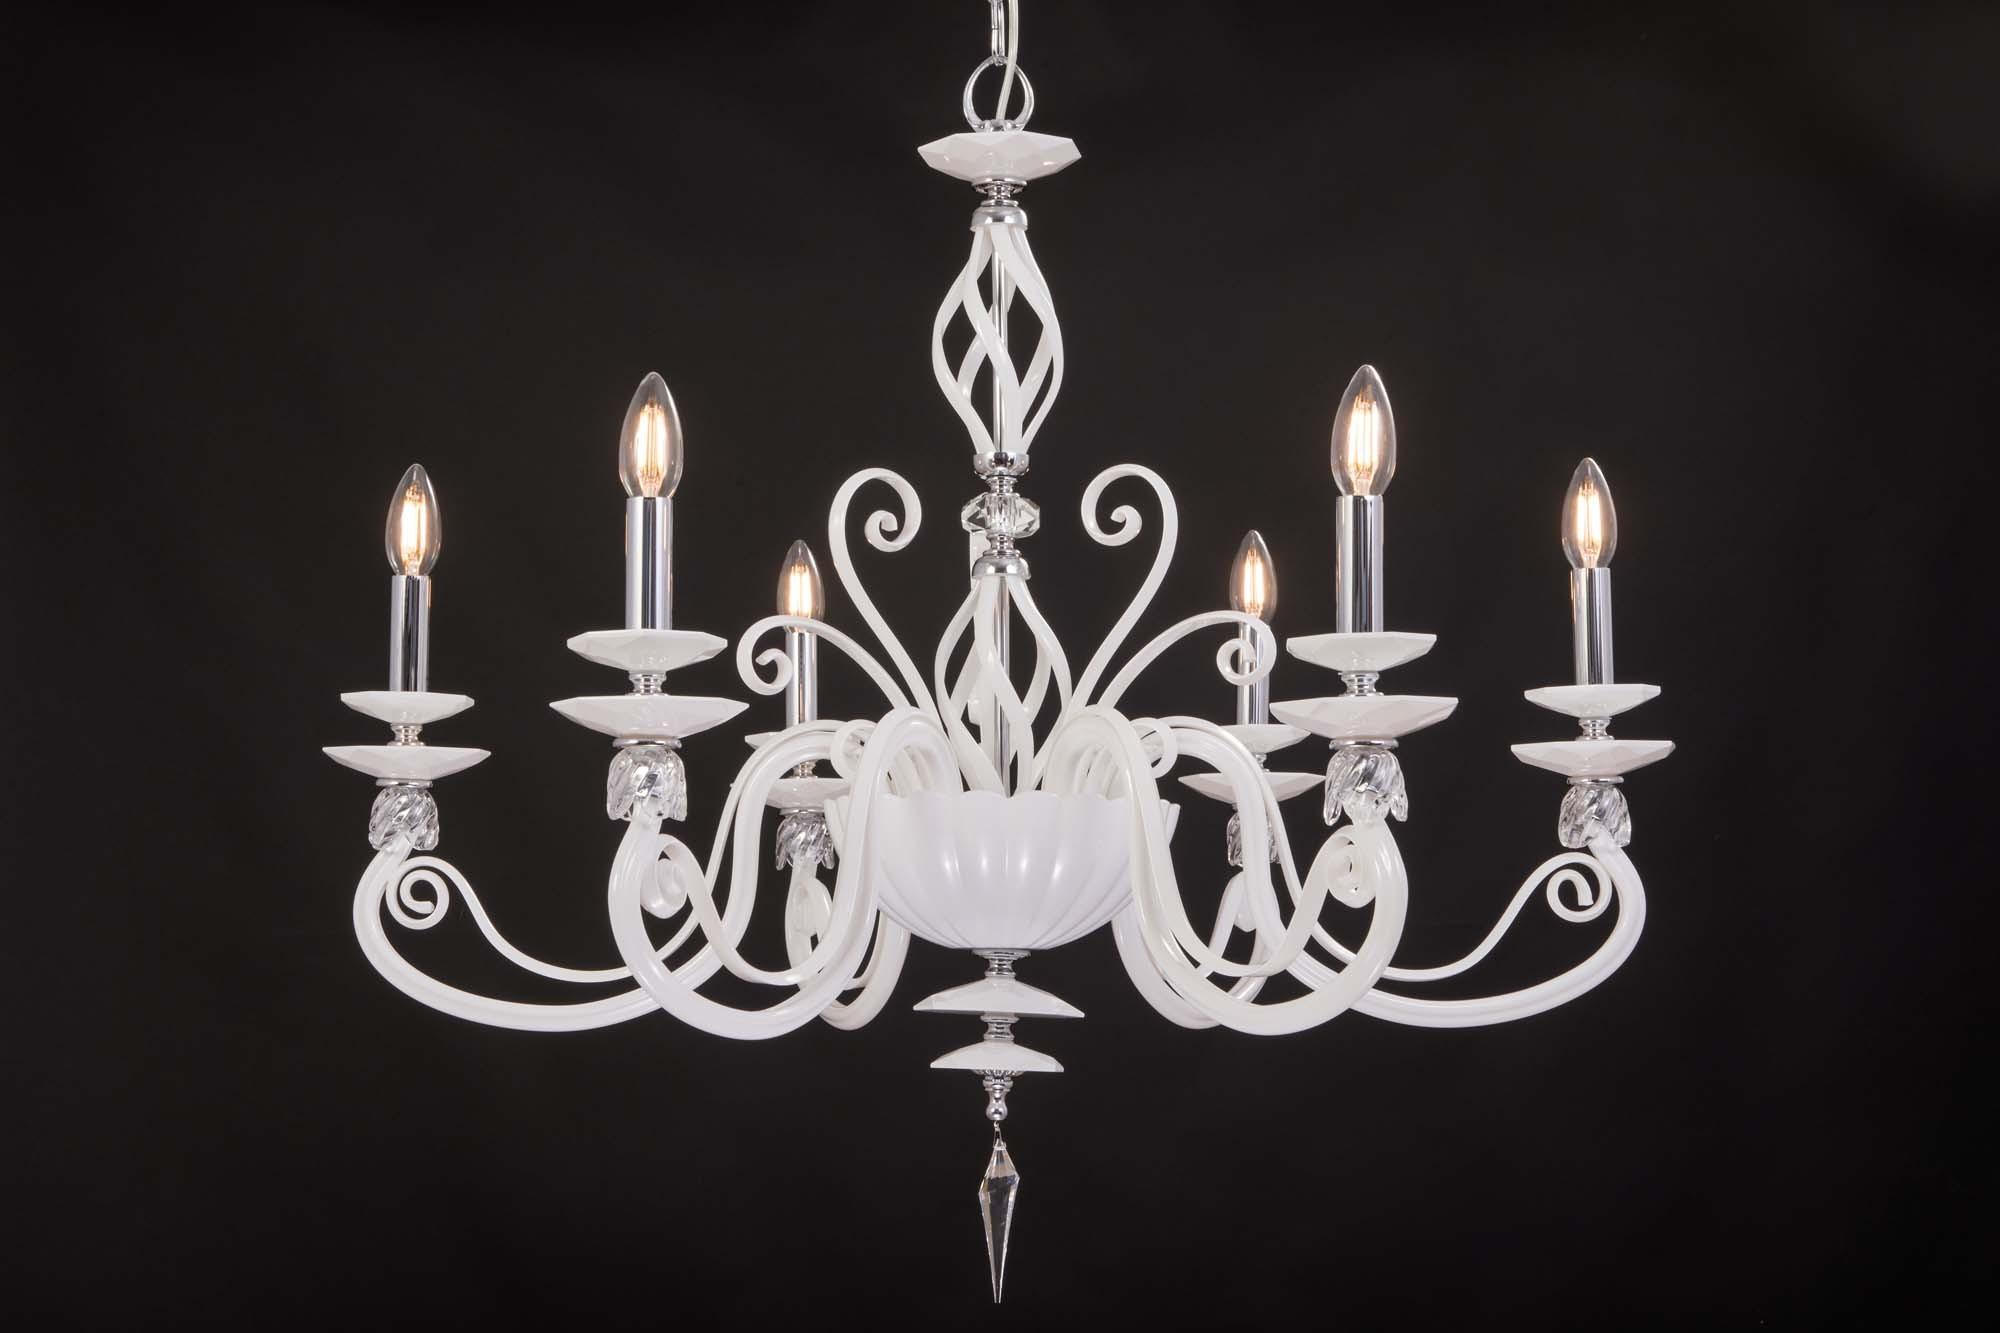 Lampadario Bianco E Cristallo : Lampadario moderno in cristallo luci design swarovsky zuela bianco